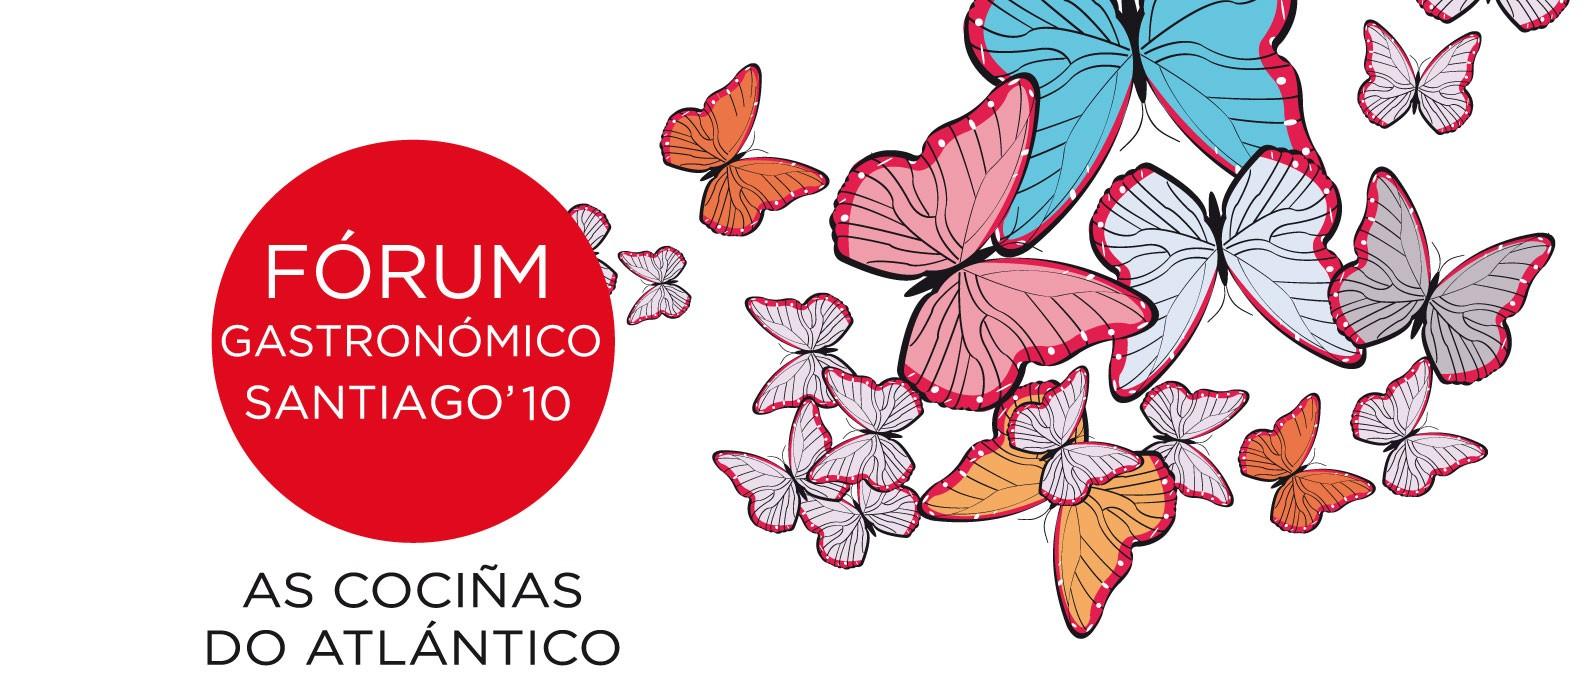 Fórum Gastronómico Santiago 2010 Logo